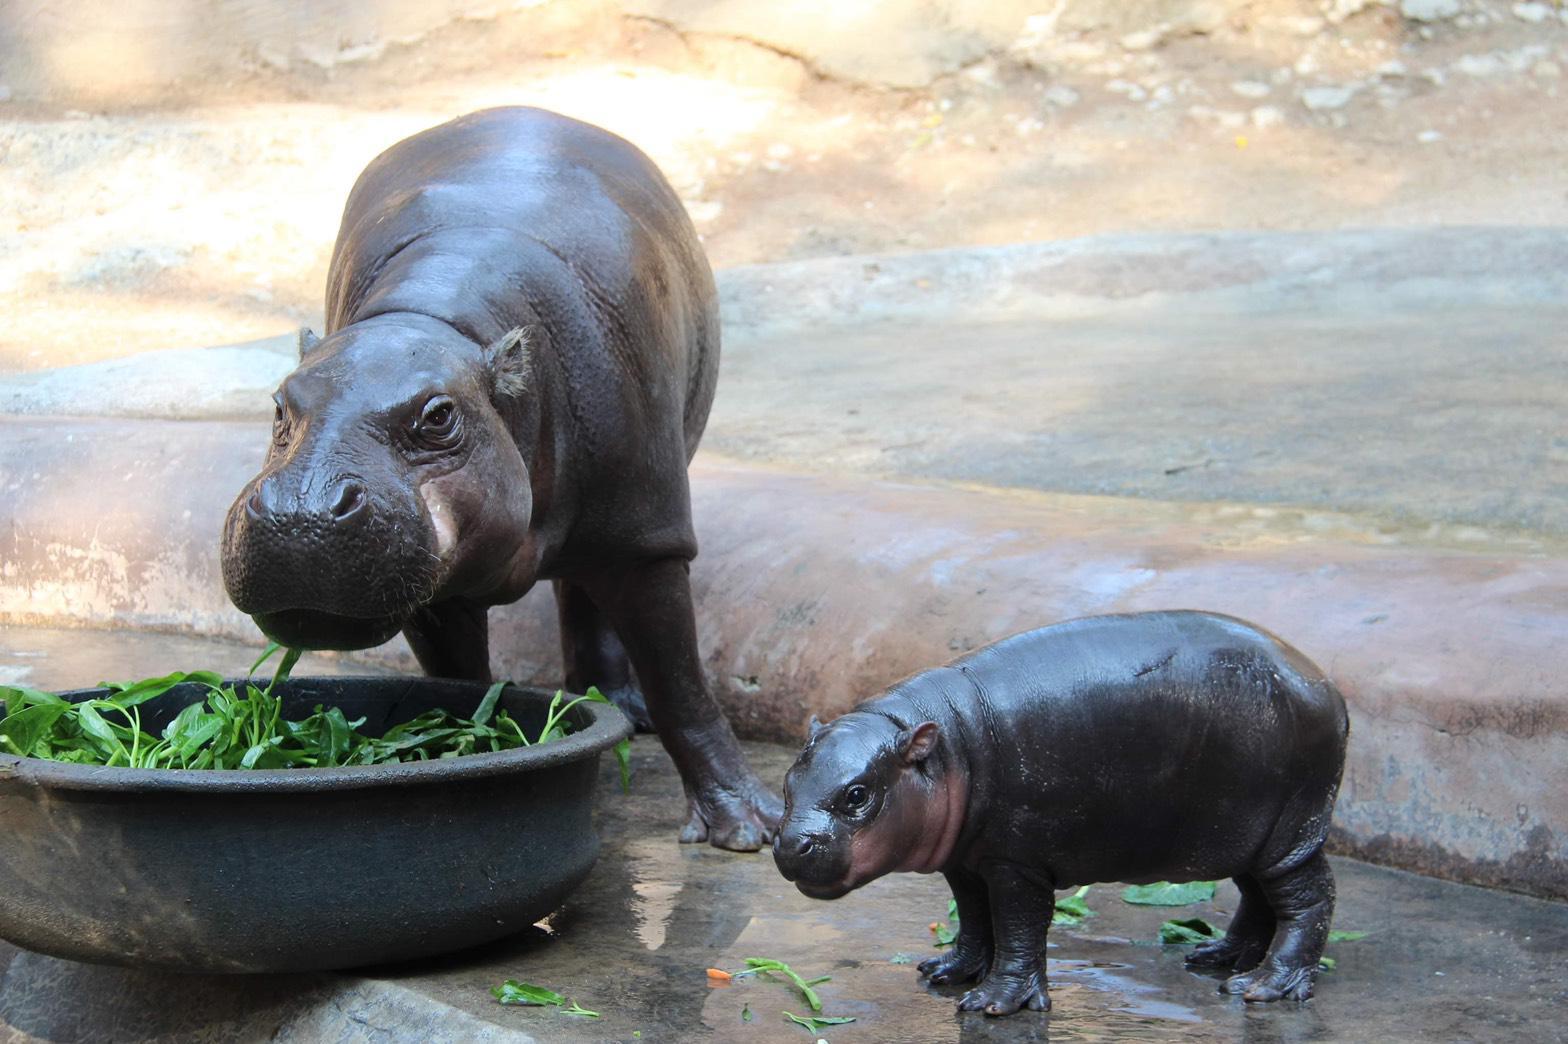 สวนสัตว์เขาเขียวเปิดตัว สมาชิกใหม่ลูกฮิปโปโปเตมัสแคระ